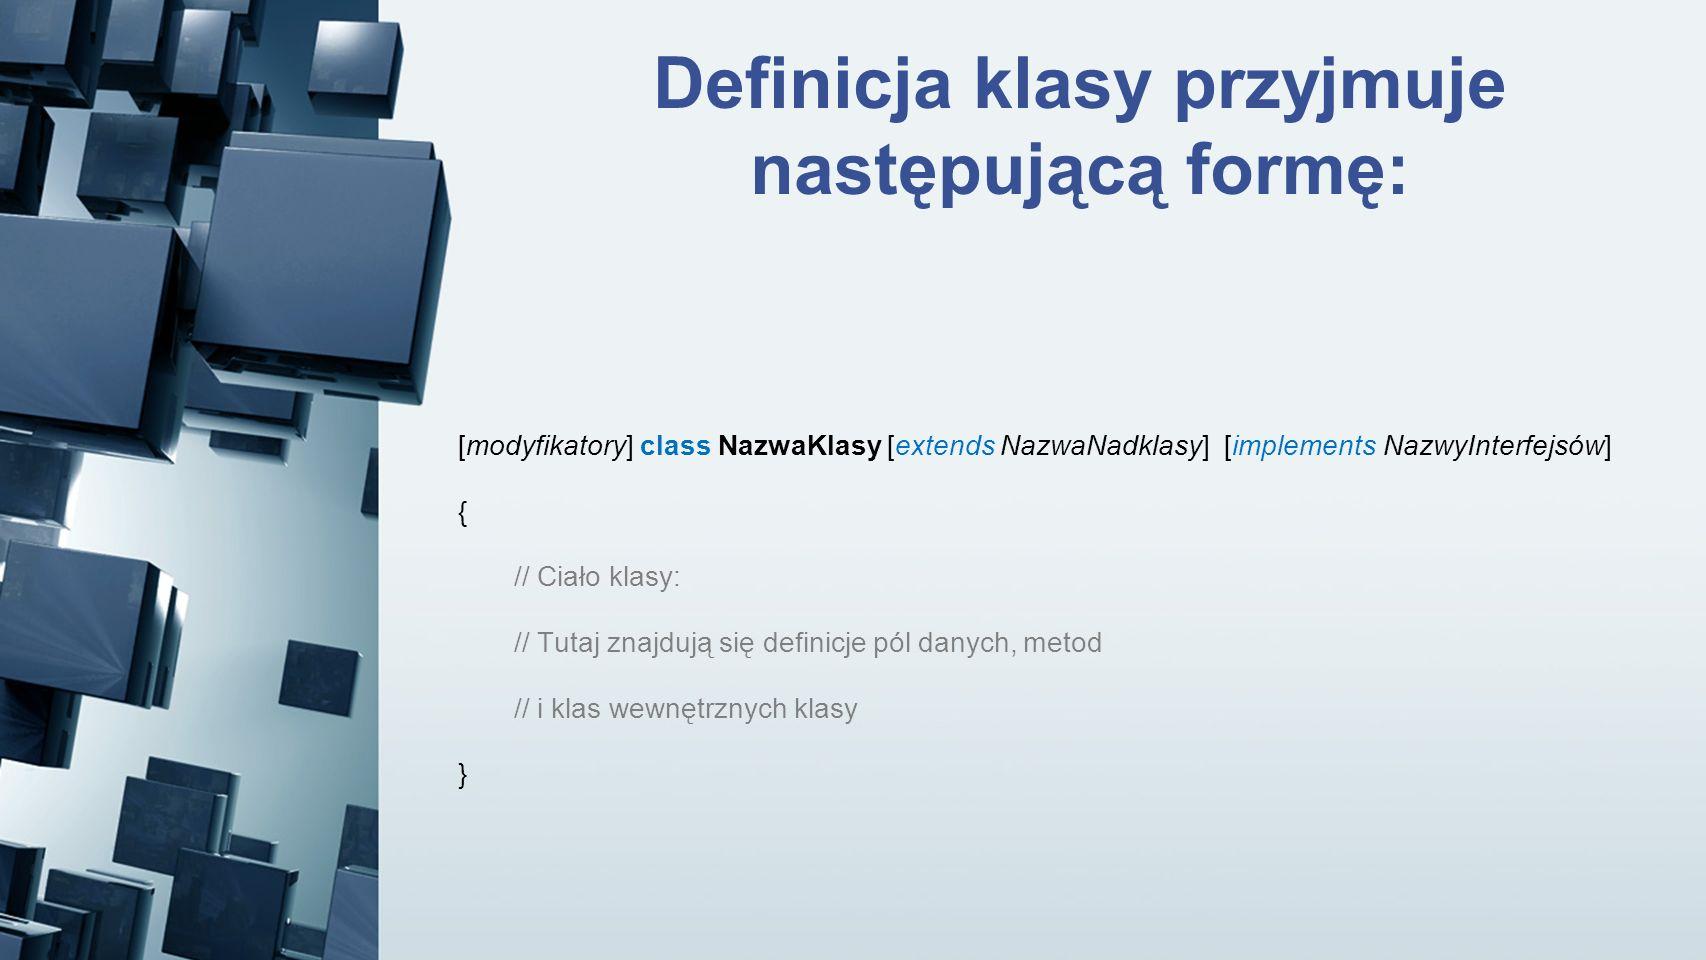 Definicja klasy przyjmuje następującą formę: